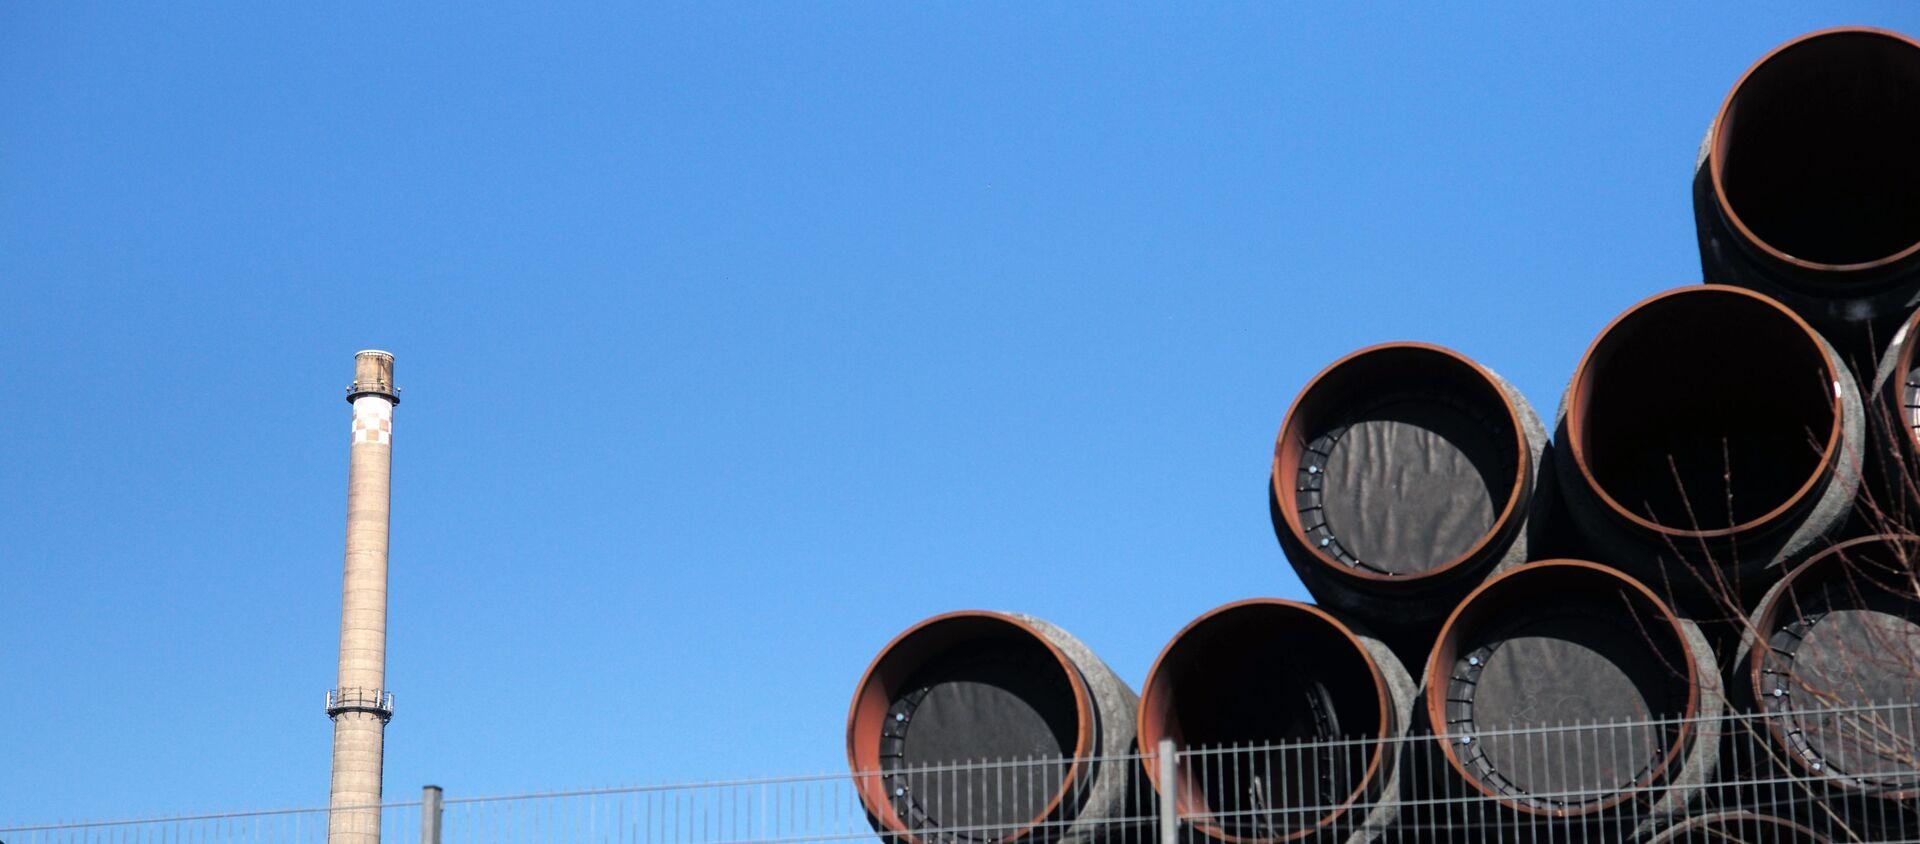 Magazyn rur do budowy gazociągu Nord Stream 2 w porcie Sassnitz w Niemczech - Sputnik Polska, 1920, 26.05.2021